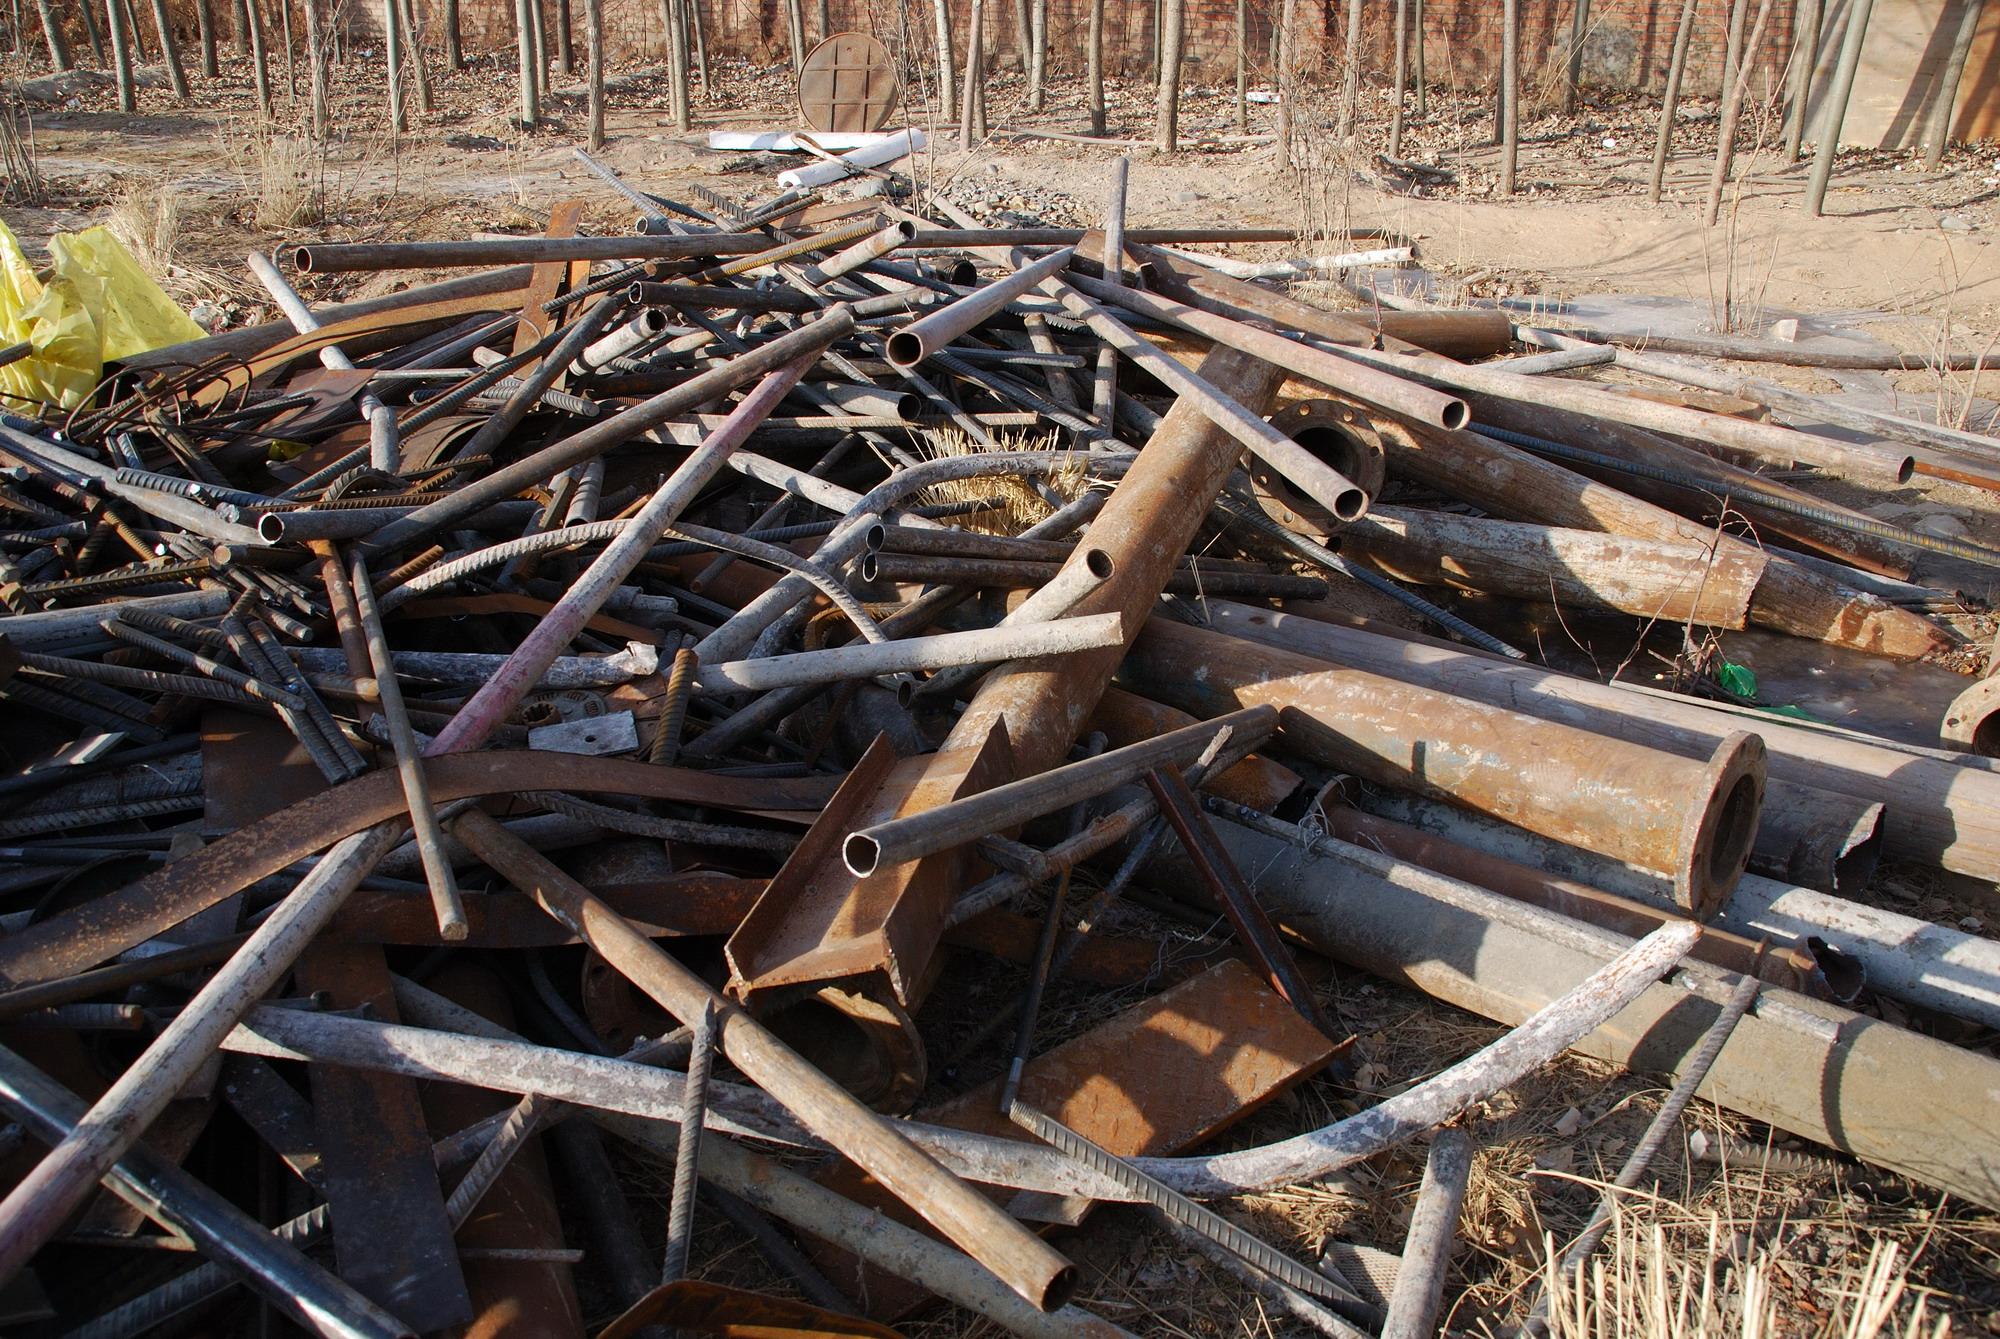 如何进行规范的废旧物资回收